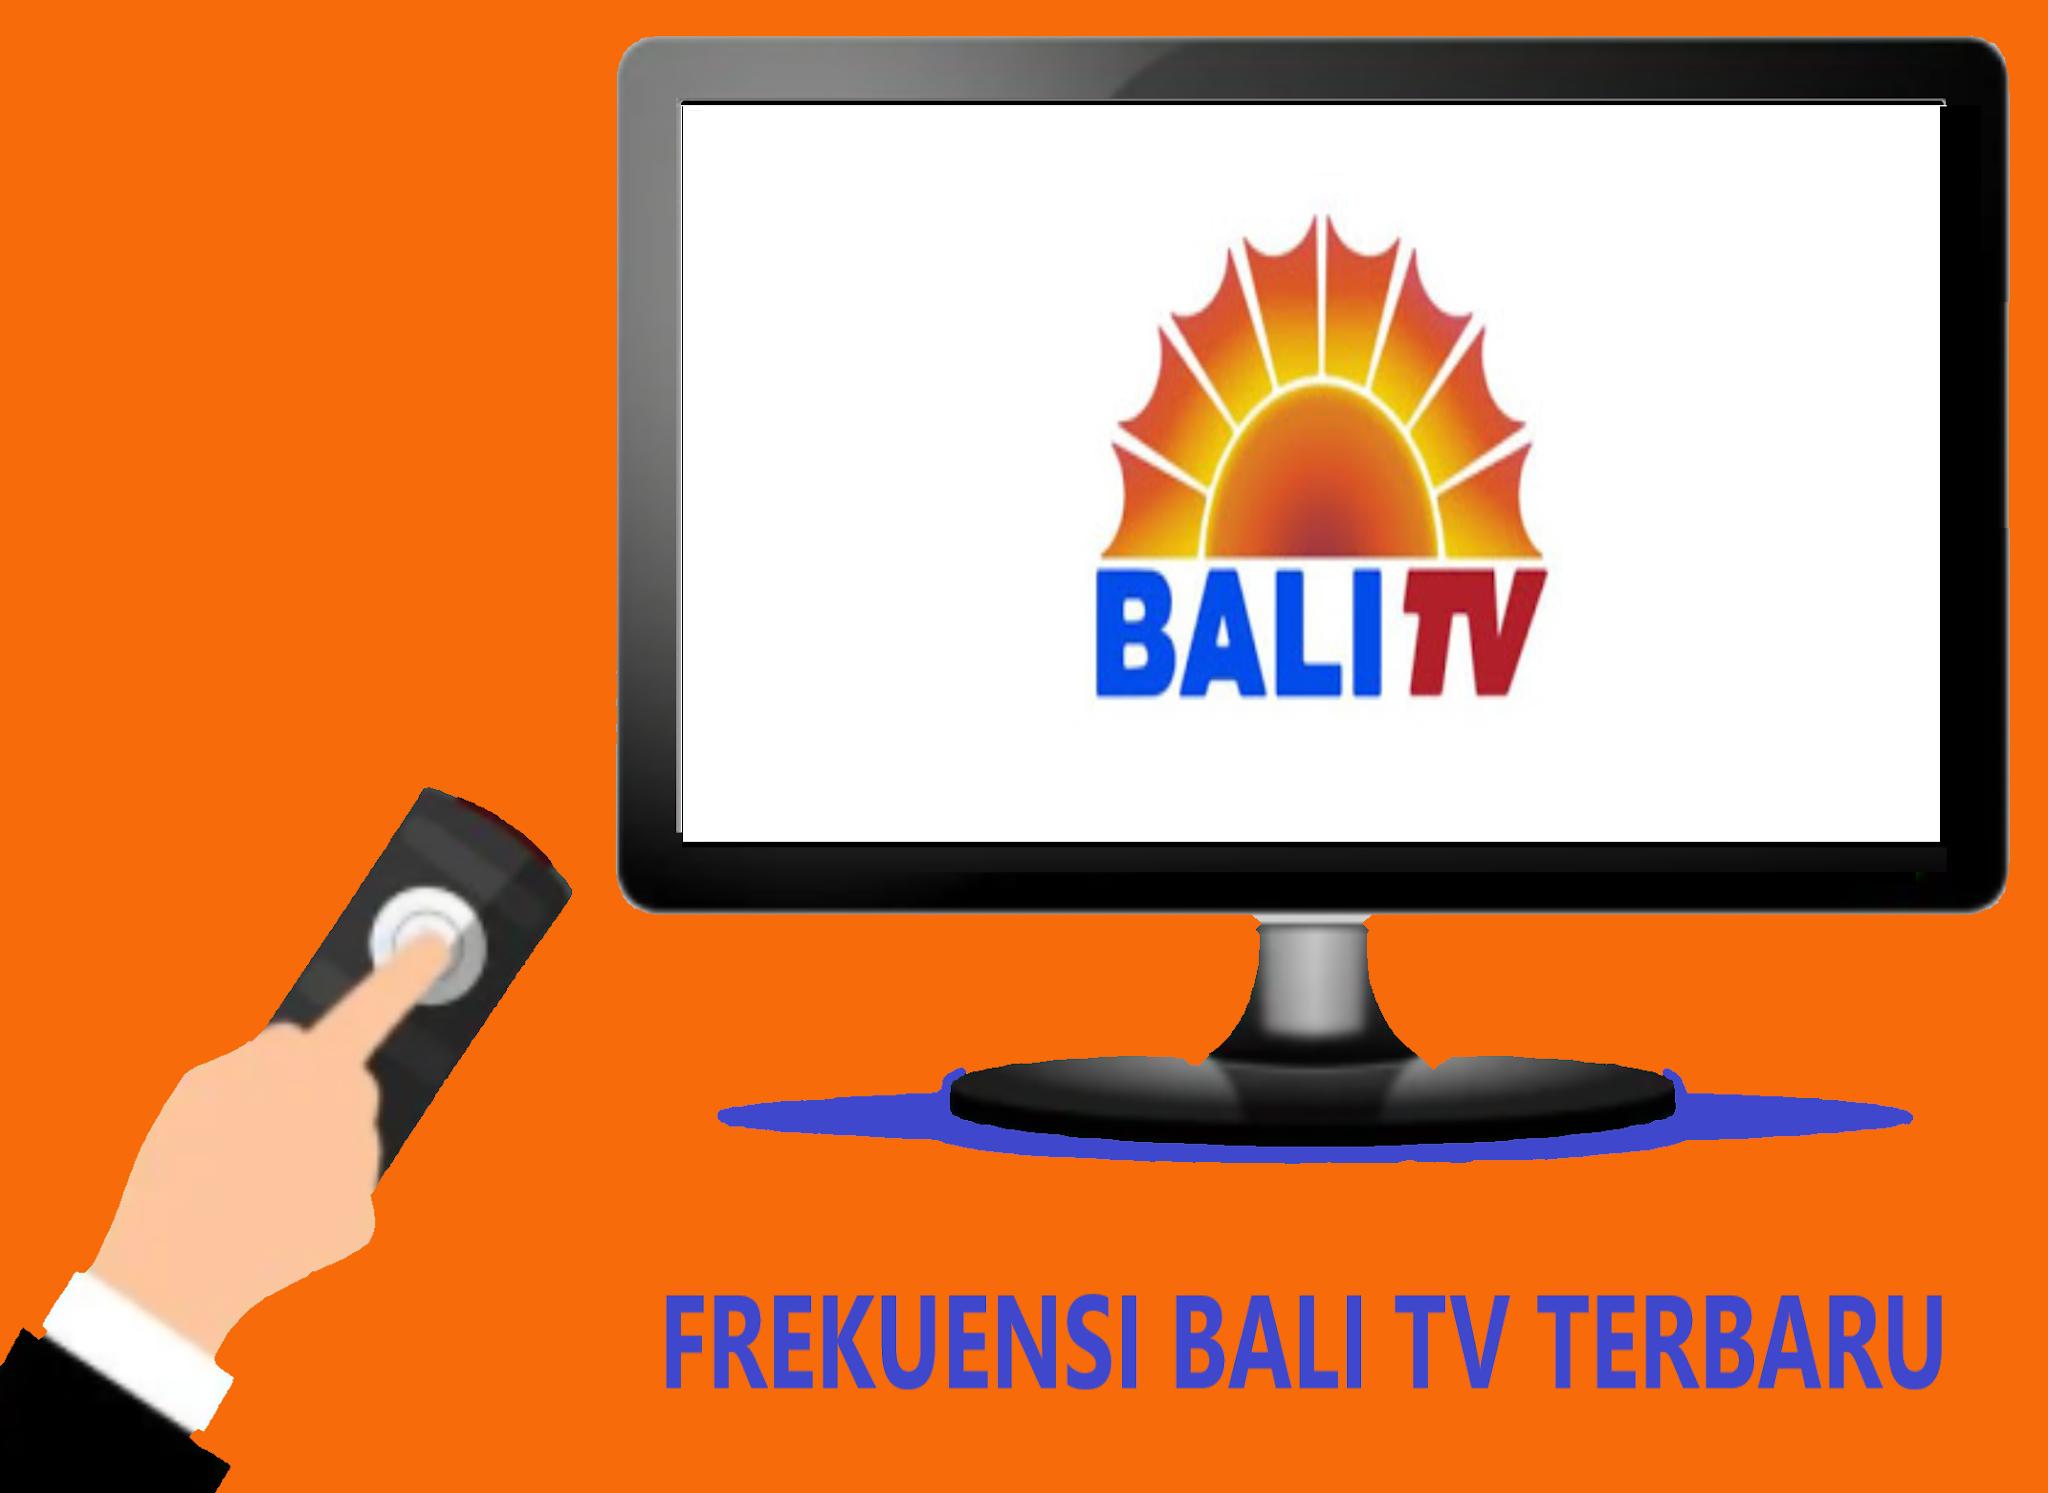 Frekuensi Bali TV Terbaru Di Telkom 4 Update 2020